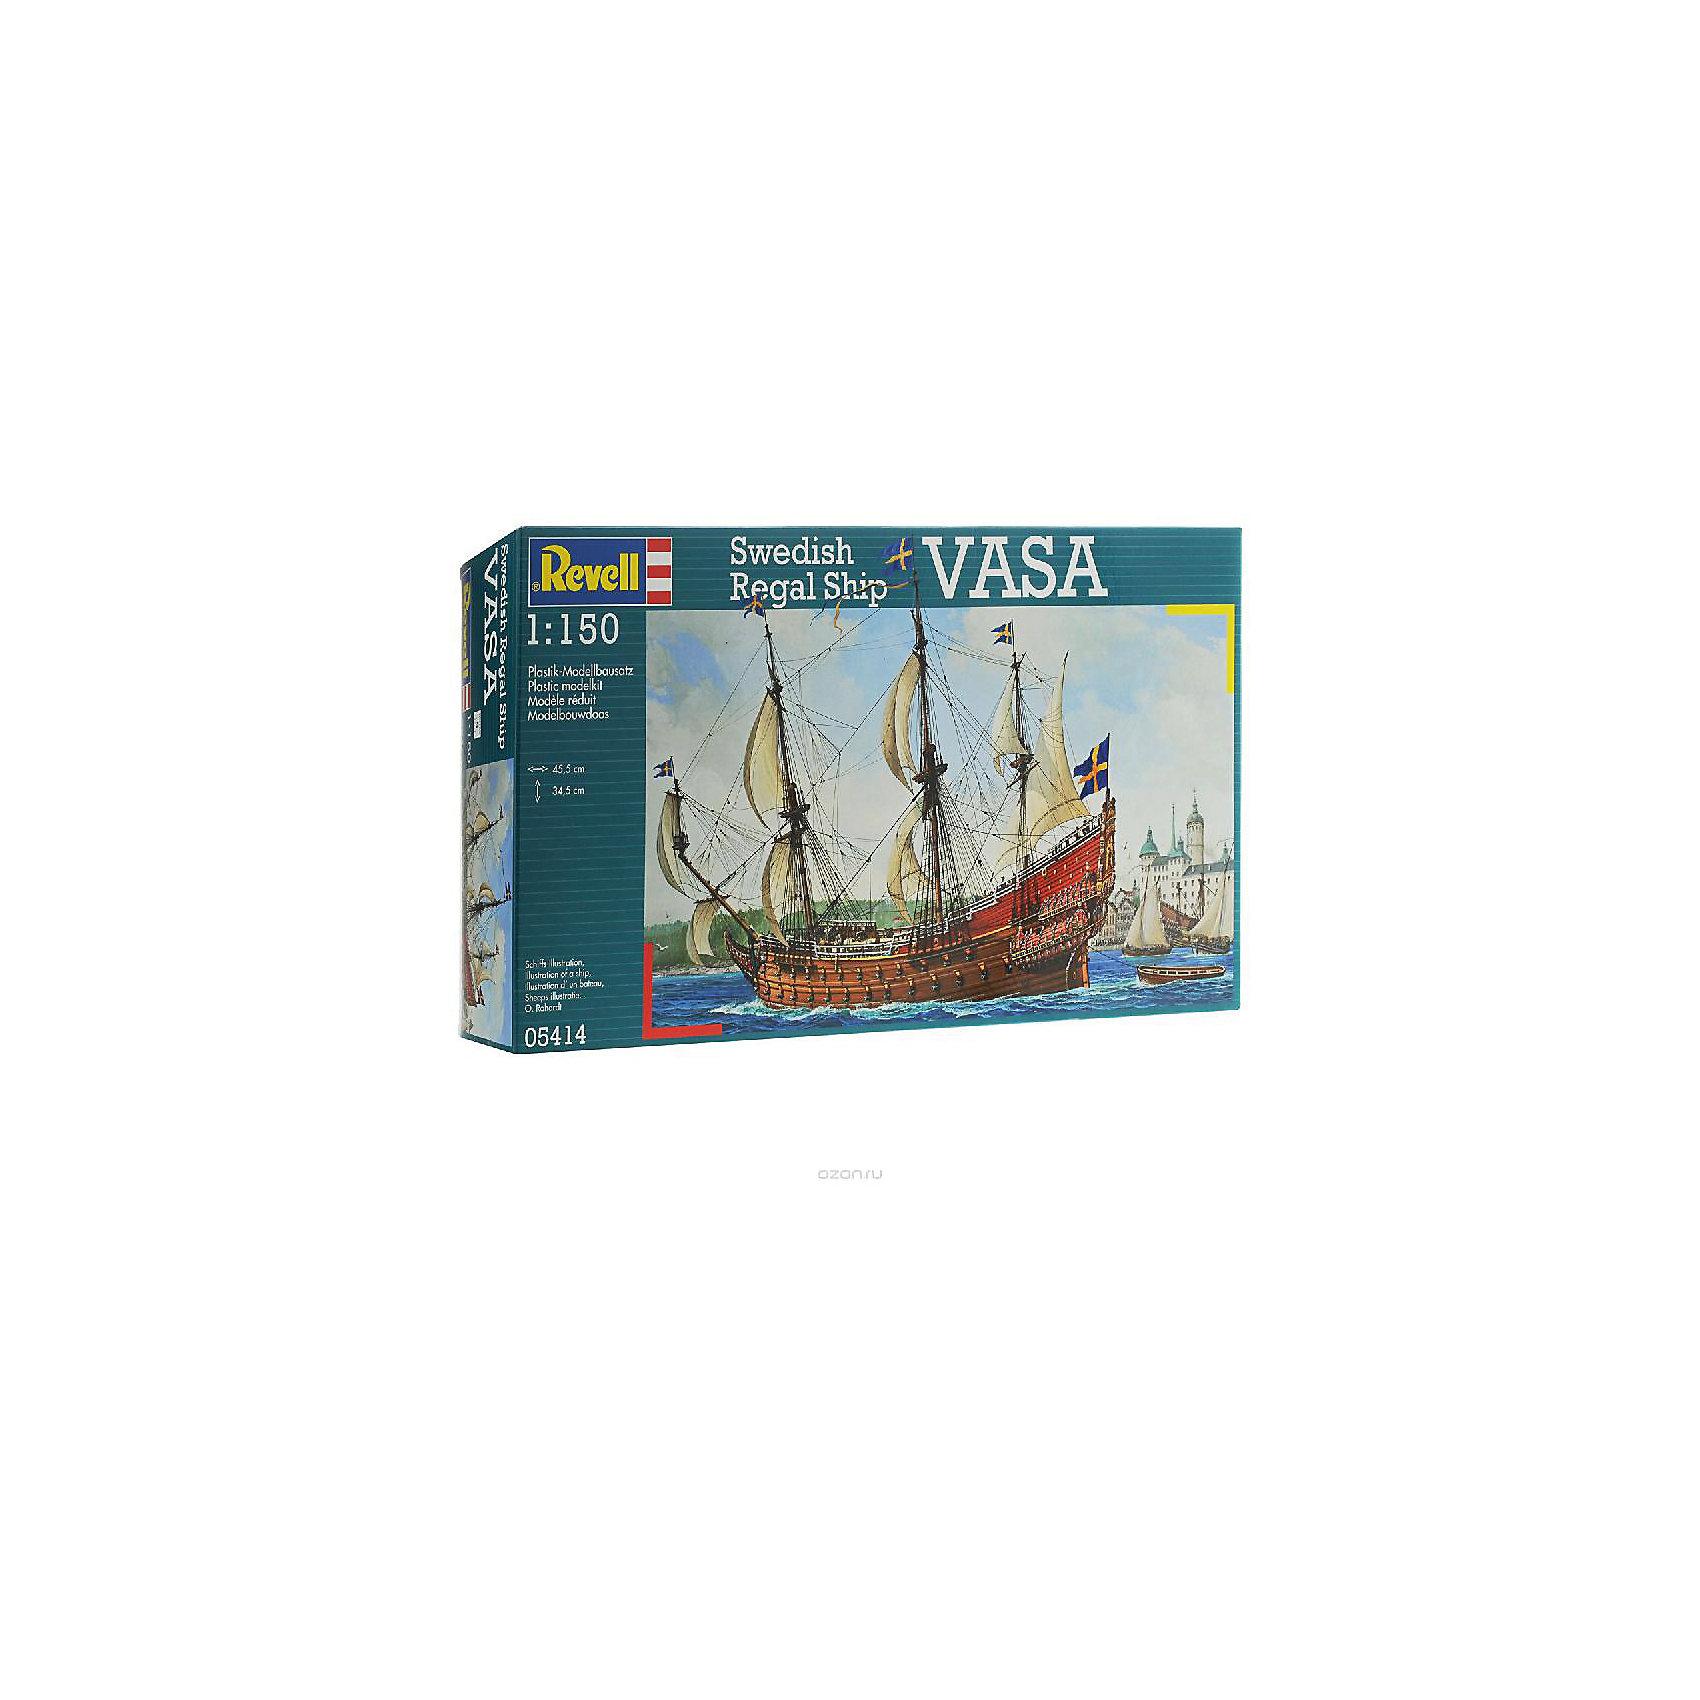 Корабль парусный ВАЗА, XVII век, шведский, RevellКорабли и лодки<br>Характеристики товара:<br><br>• возраст от 13 лет;<br>• материал: пластик;<br>• в комплекте: 330 деталей, инструкция;<br>• размер собранной модели 34,5х45,5 см;<br>• масштаб 1:150;<br>• размер упаковки 43,7х24,8х11,2 см;<br>• вес упаковки 790 гр.;<br>• страна производитель Польша.<br><br>Сборная модель «Корабль парусный ВАЗА, шведский» Revell понравится любителям кораблей и моделирования. Из 330 деталей собирается копия шведского парусного корабля ВАЗА, одного из крупнейших кораблей в ту эпоху. В процессе сборки у ребенка развивается логическое мышление, внимательность, усидчивость. Готовый корабль украсит детскую комнату.<br><br>Корабль парусный ВАЗА шведски Revell можно приобрести в нашем интернет-магазине.<br><br>Ширина мм: 437<br>Глубина мм: 248<br>Высота мм: 112<br>Вес г: 790<br>Возраст от месяцев: 156<br>Возраст до месяцев: 2147483647<br>Пол: Мужской<br>Возраст: Детский<br>SKU: 5578425